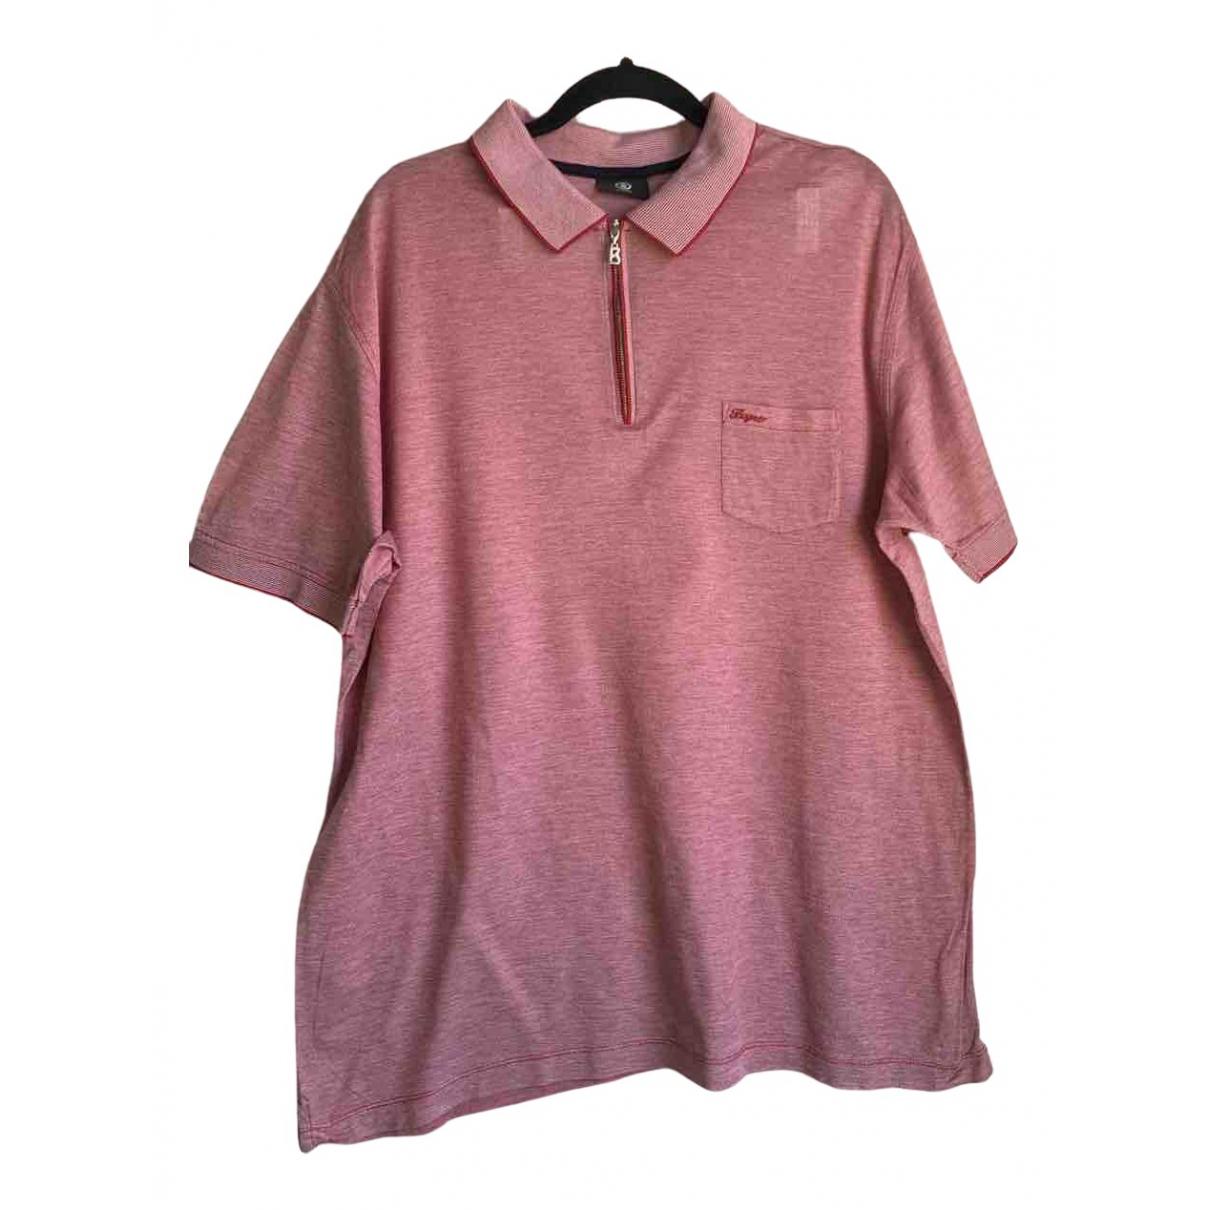 Bogner - Tee shirts   pour homme en coton - rose